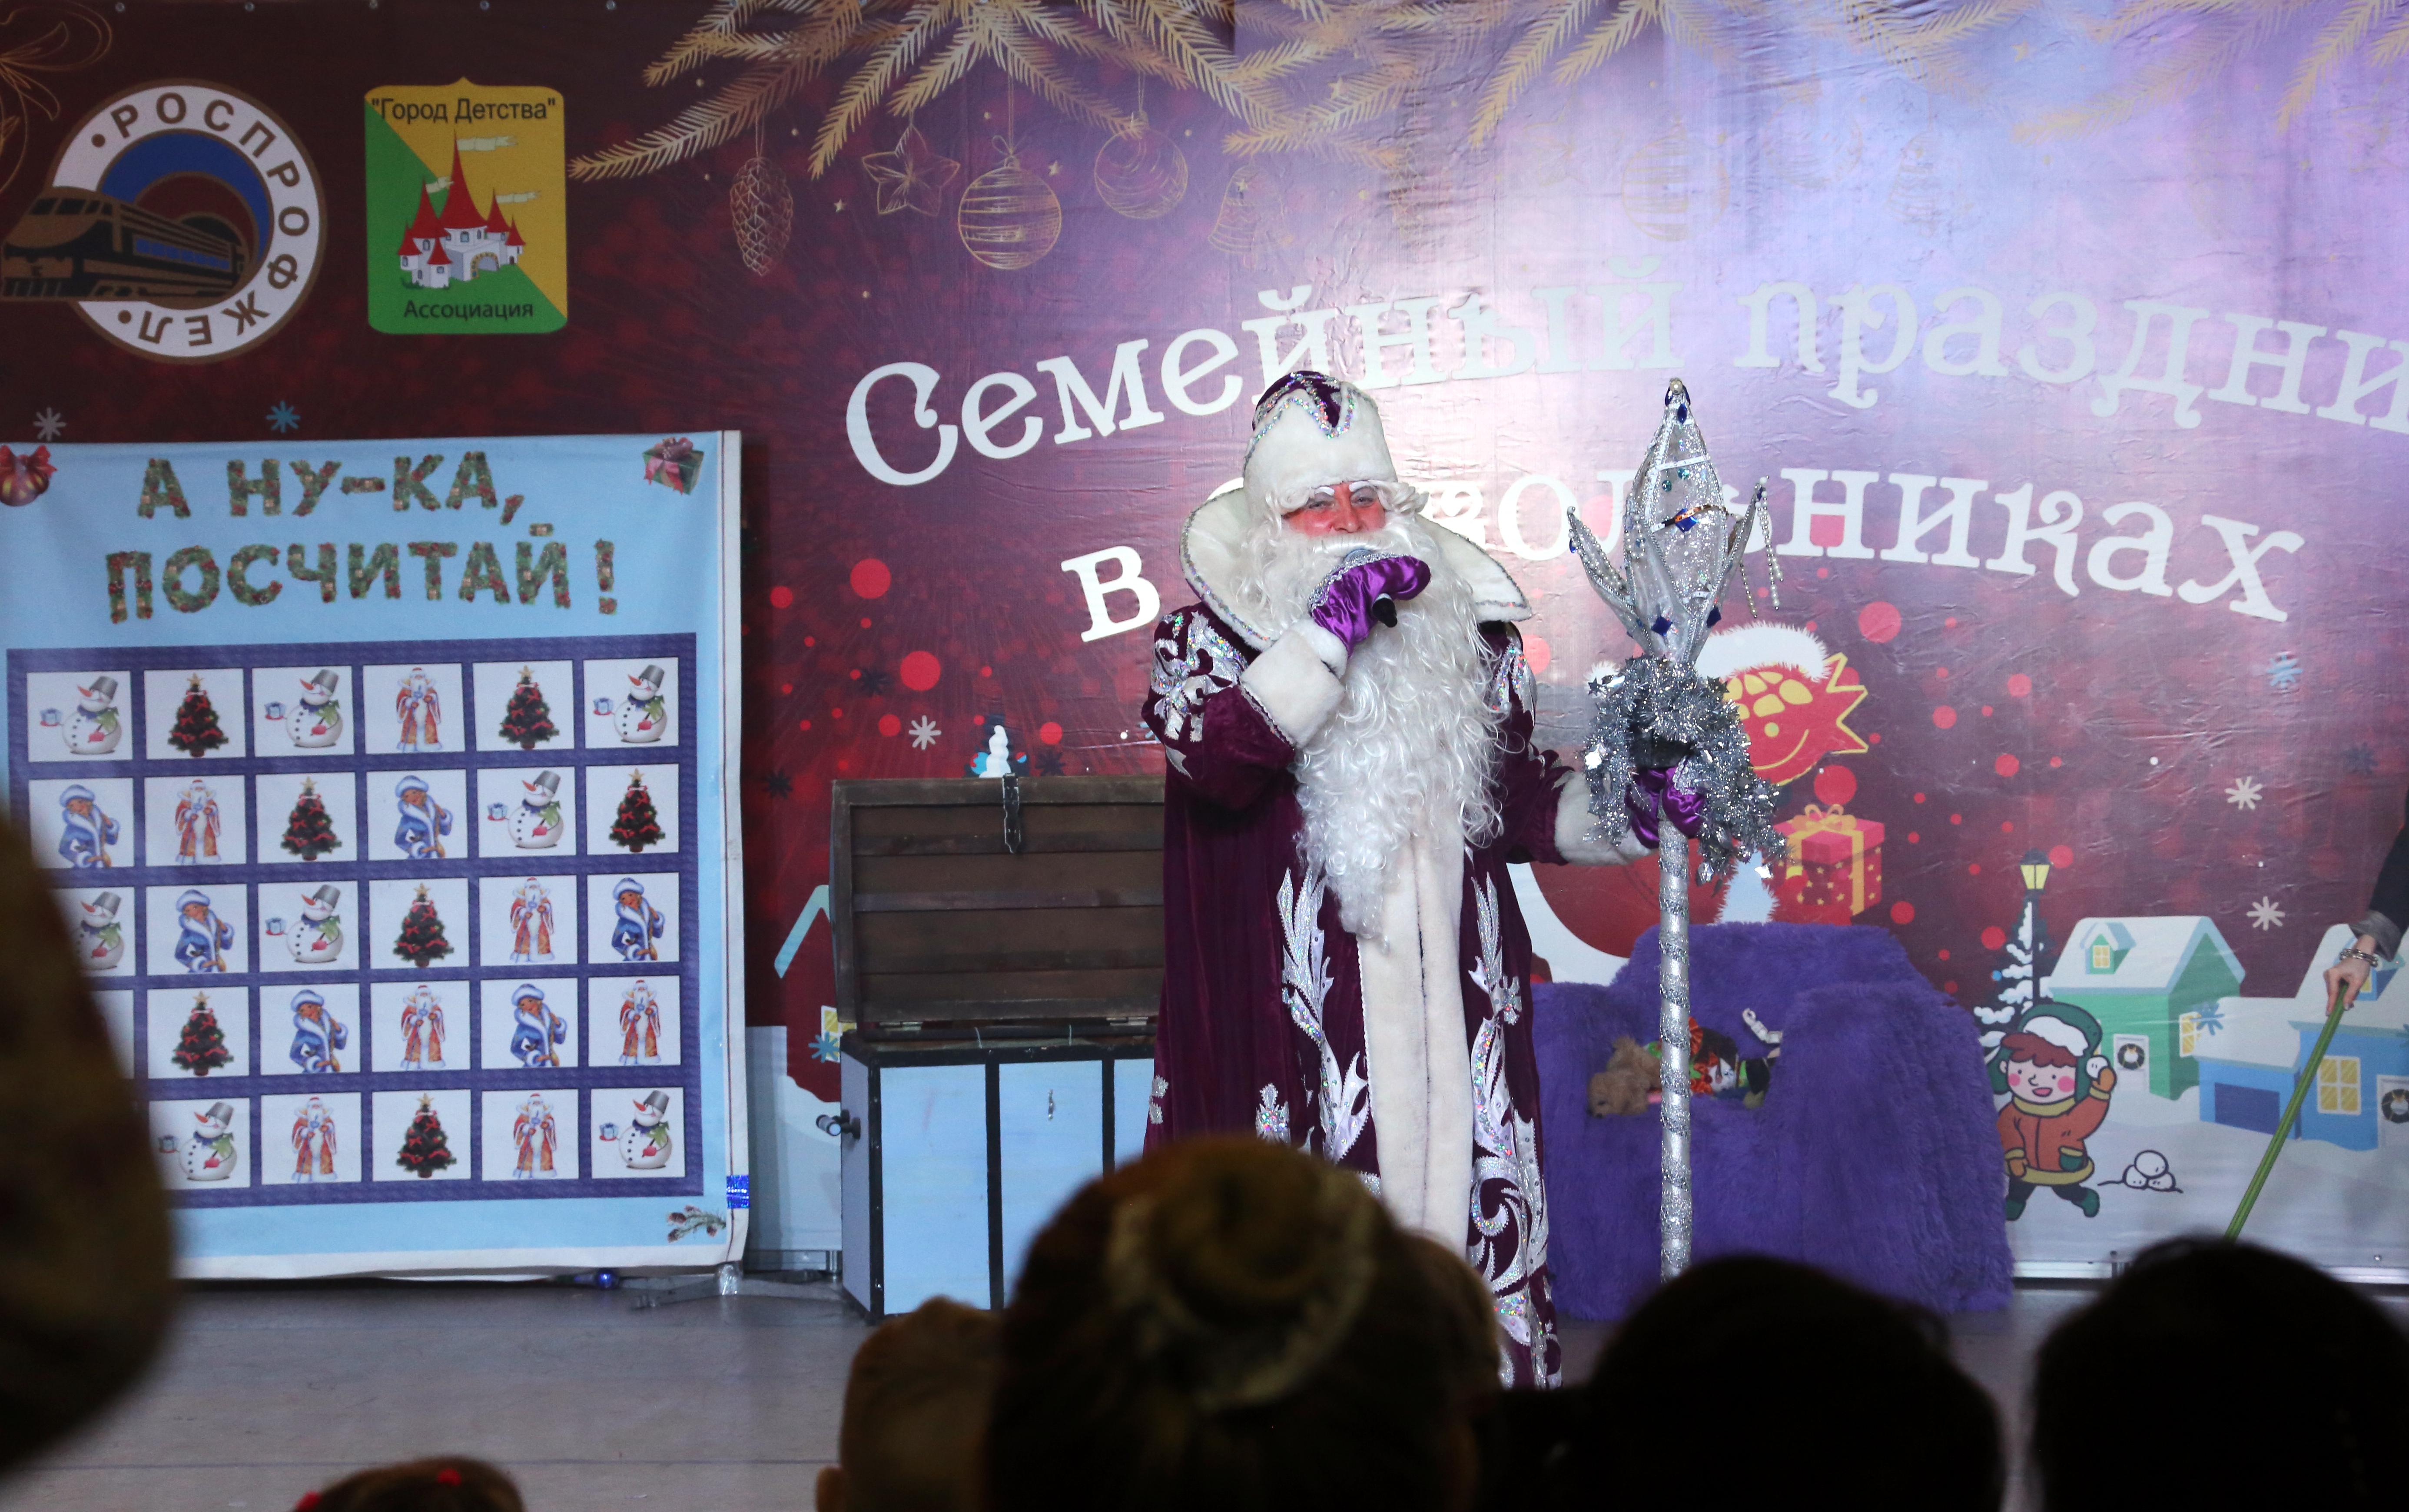 Рождественский Спортлэнд Сокольники Москва